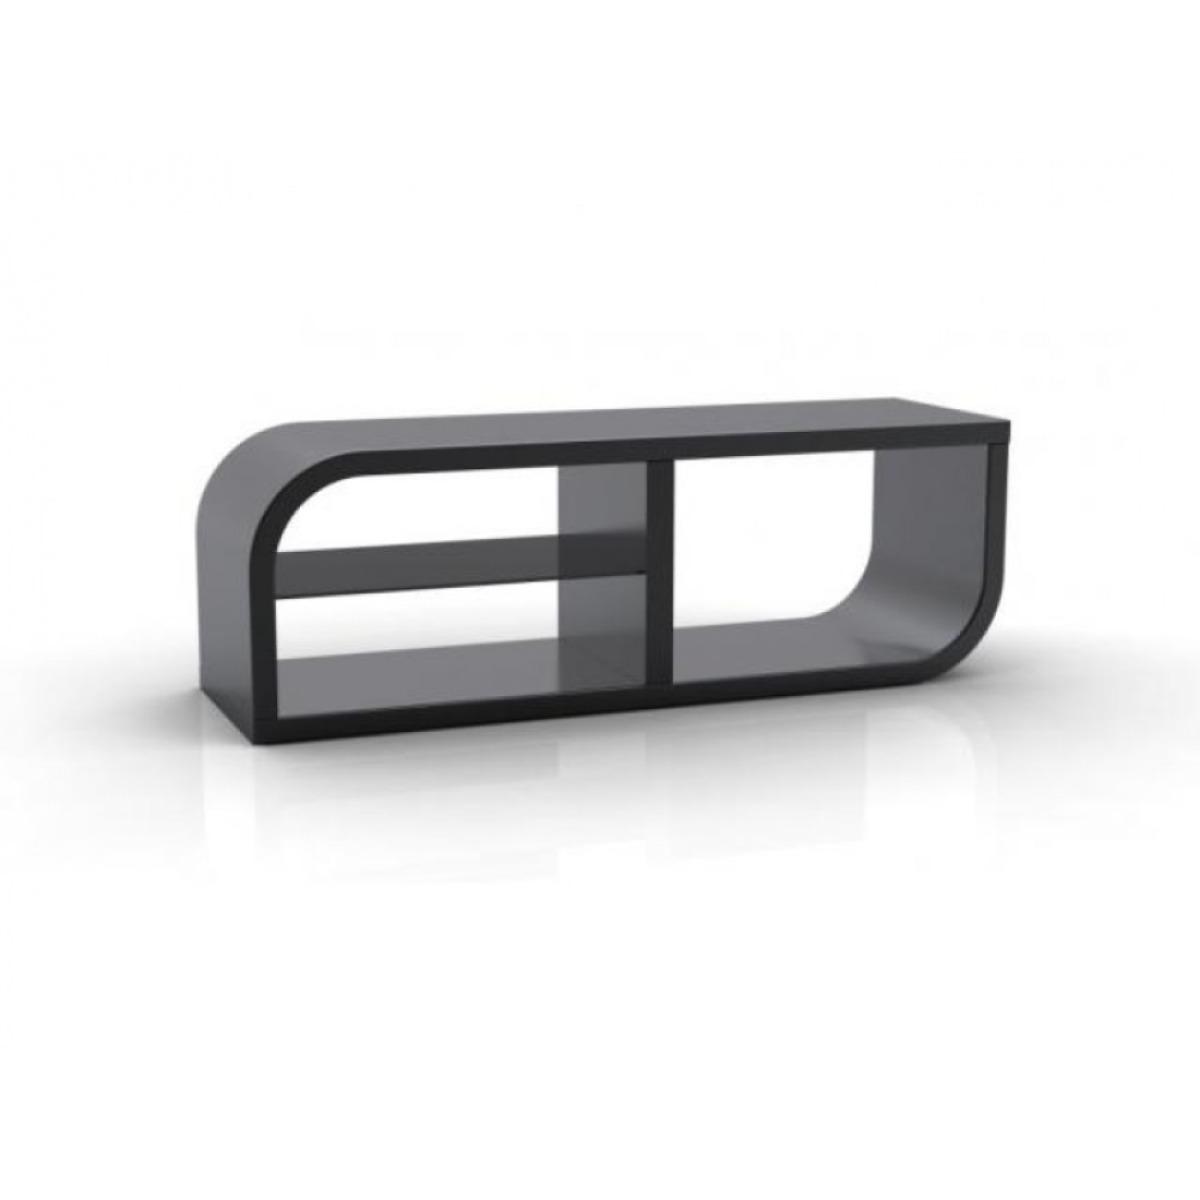 design tv m bel aus holz in 4 farben berling n2001 tv m bel car gmbh. Black Bedroom Furniture Sets. Home Design Ideas